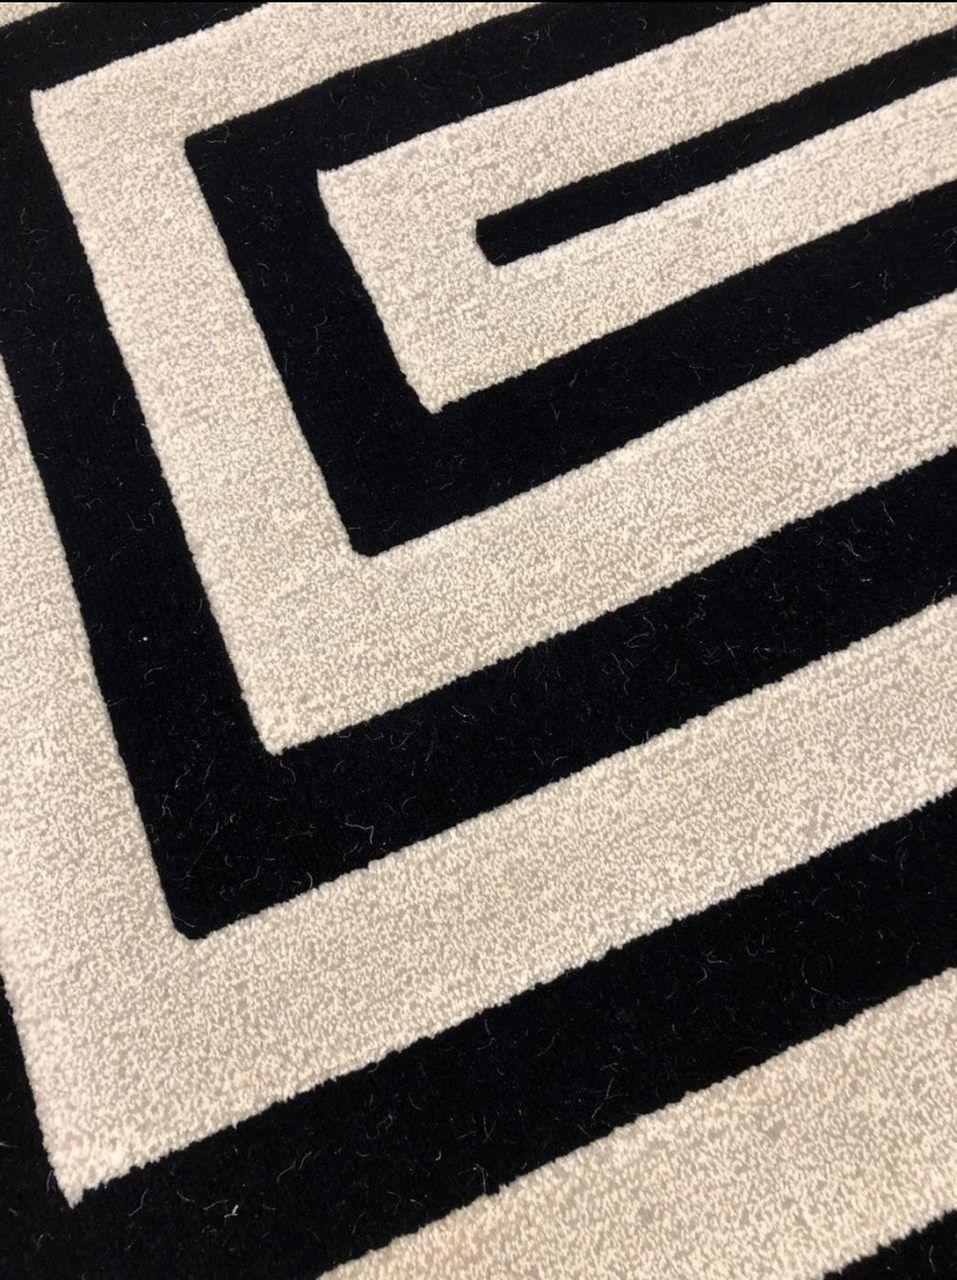 Tapete Lexos ref. 1024-18 - 200 x 250 cm